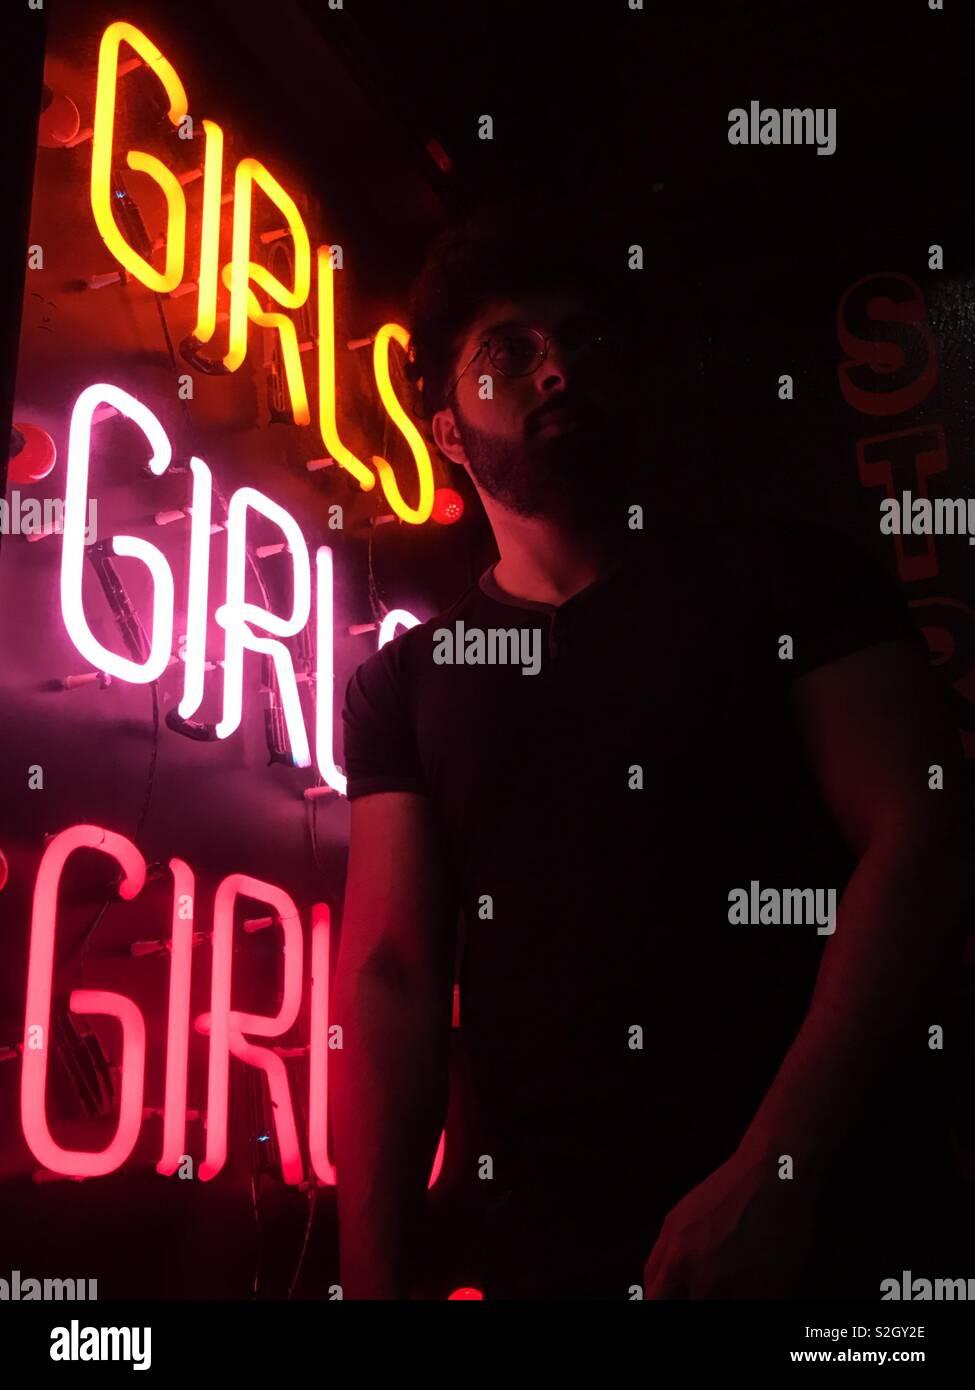 Segno al neon Foto Stock